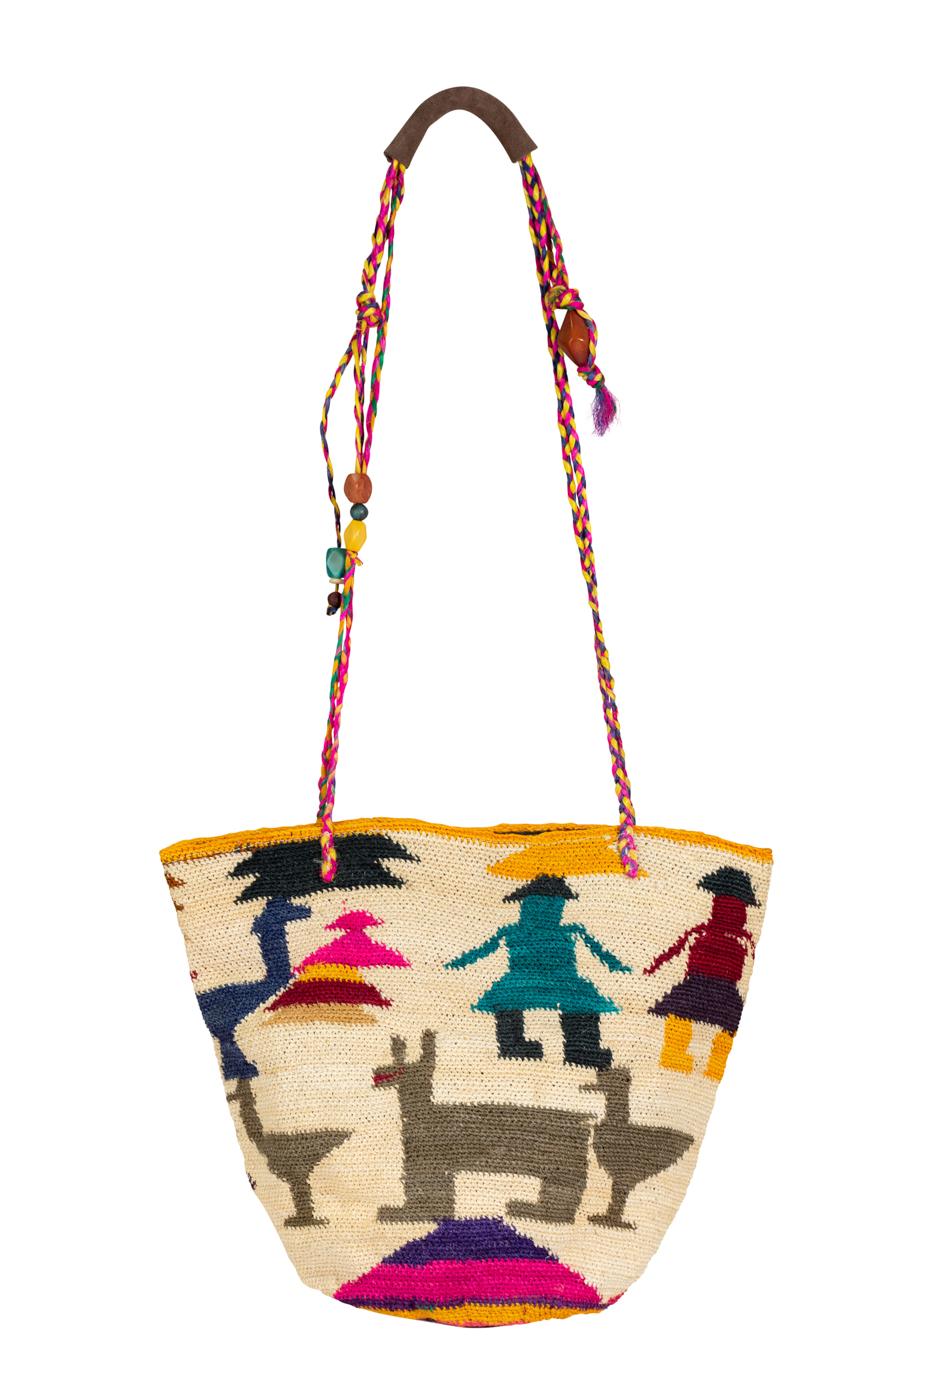 Mochila Shigra figuras étnicas multicolor